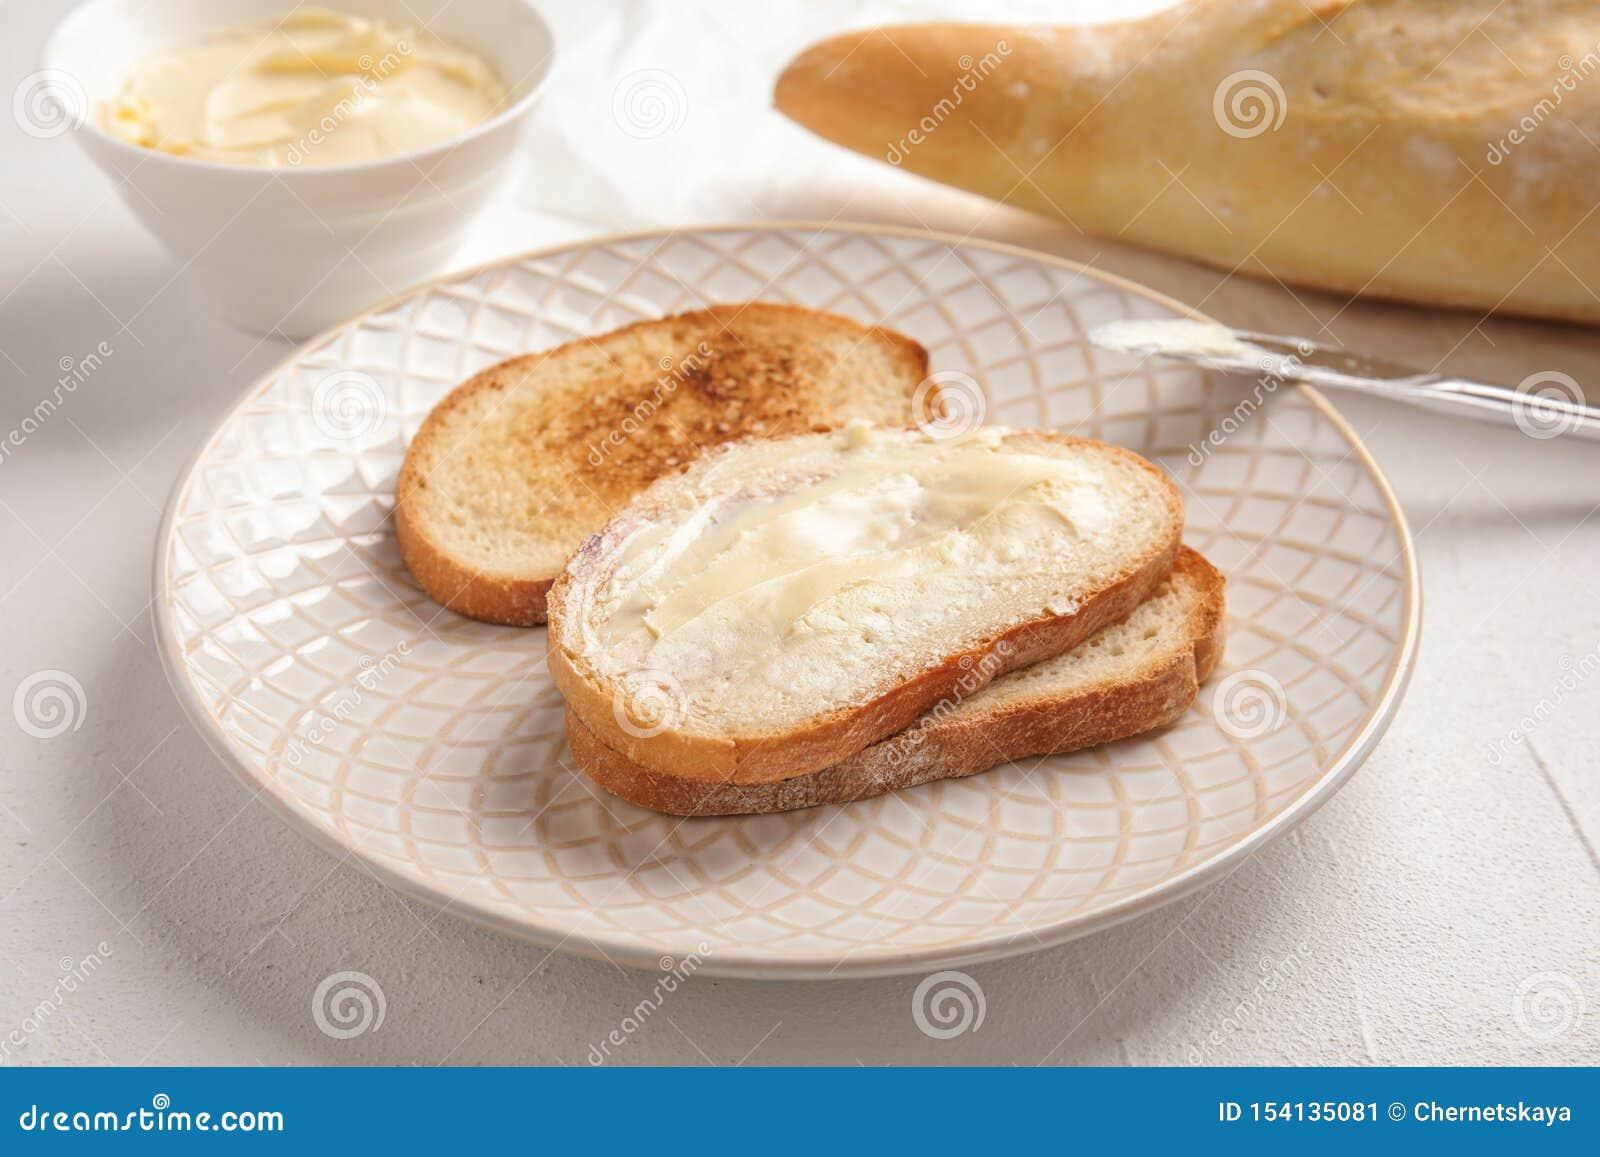 Pane saporito con burro per la prima colazione